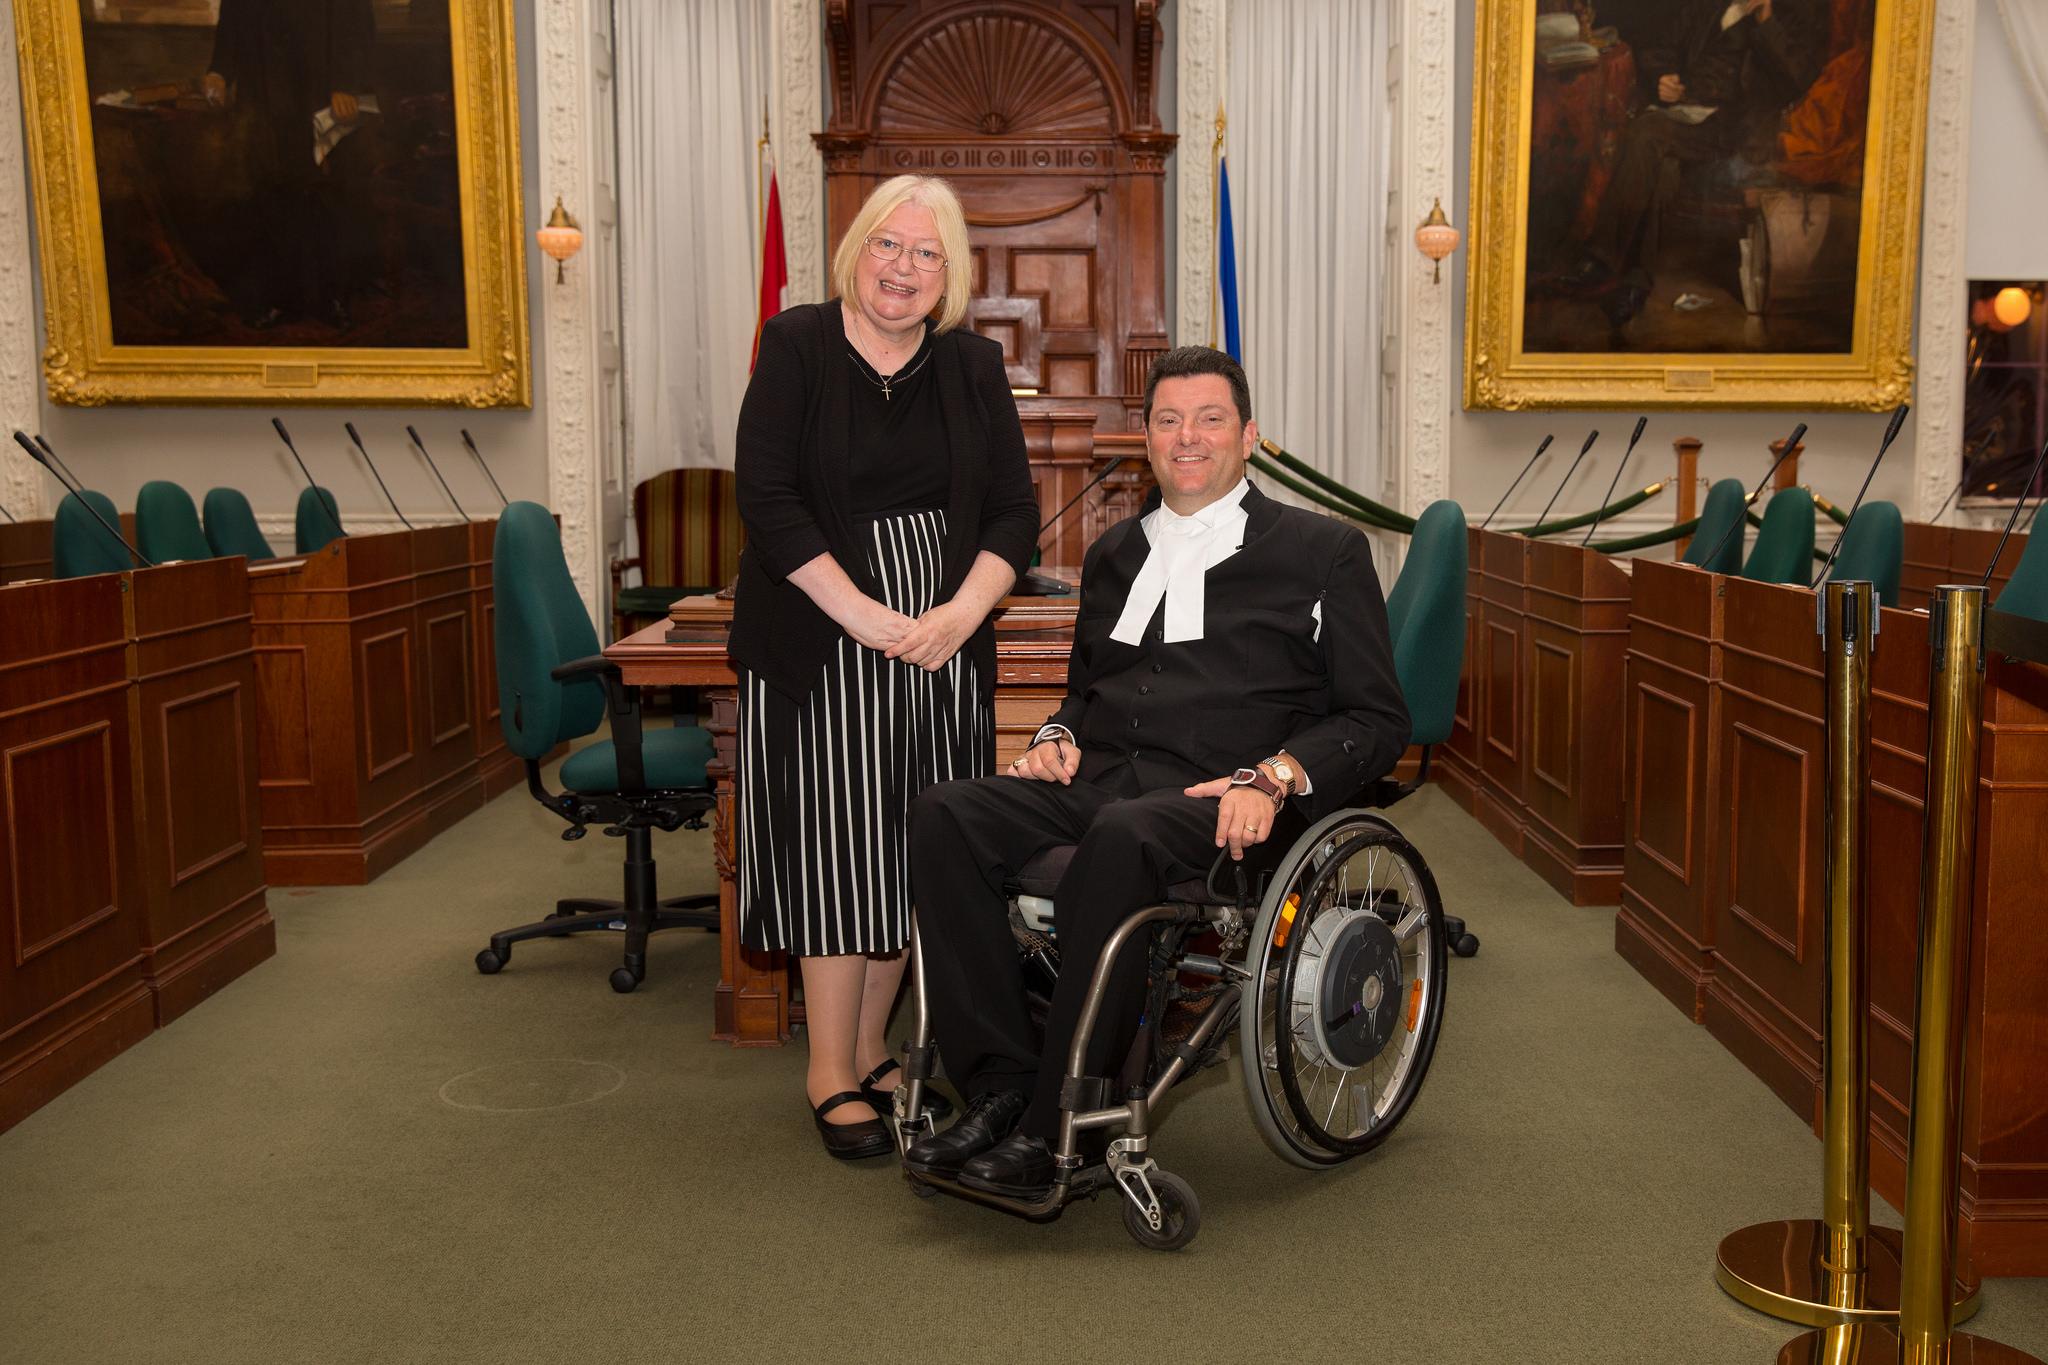 Ann Jones gyda Kevin Murphy, llefarydd Cynulliad Nova Scotia yng Nghanada